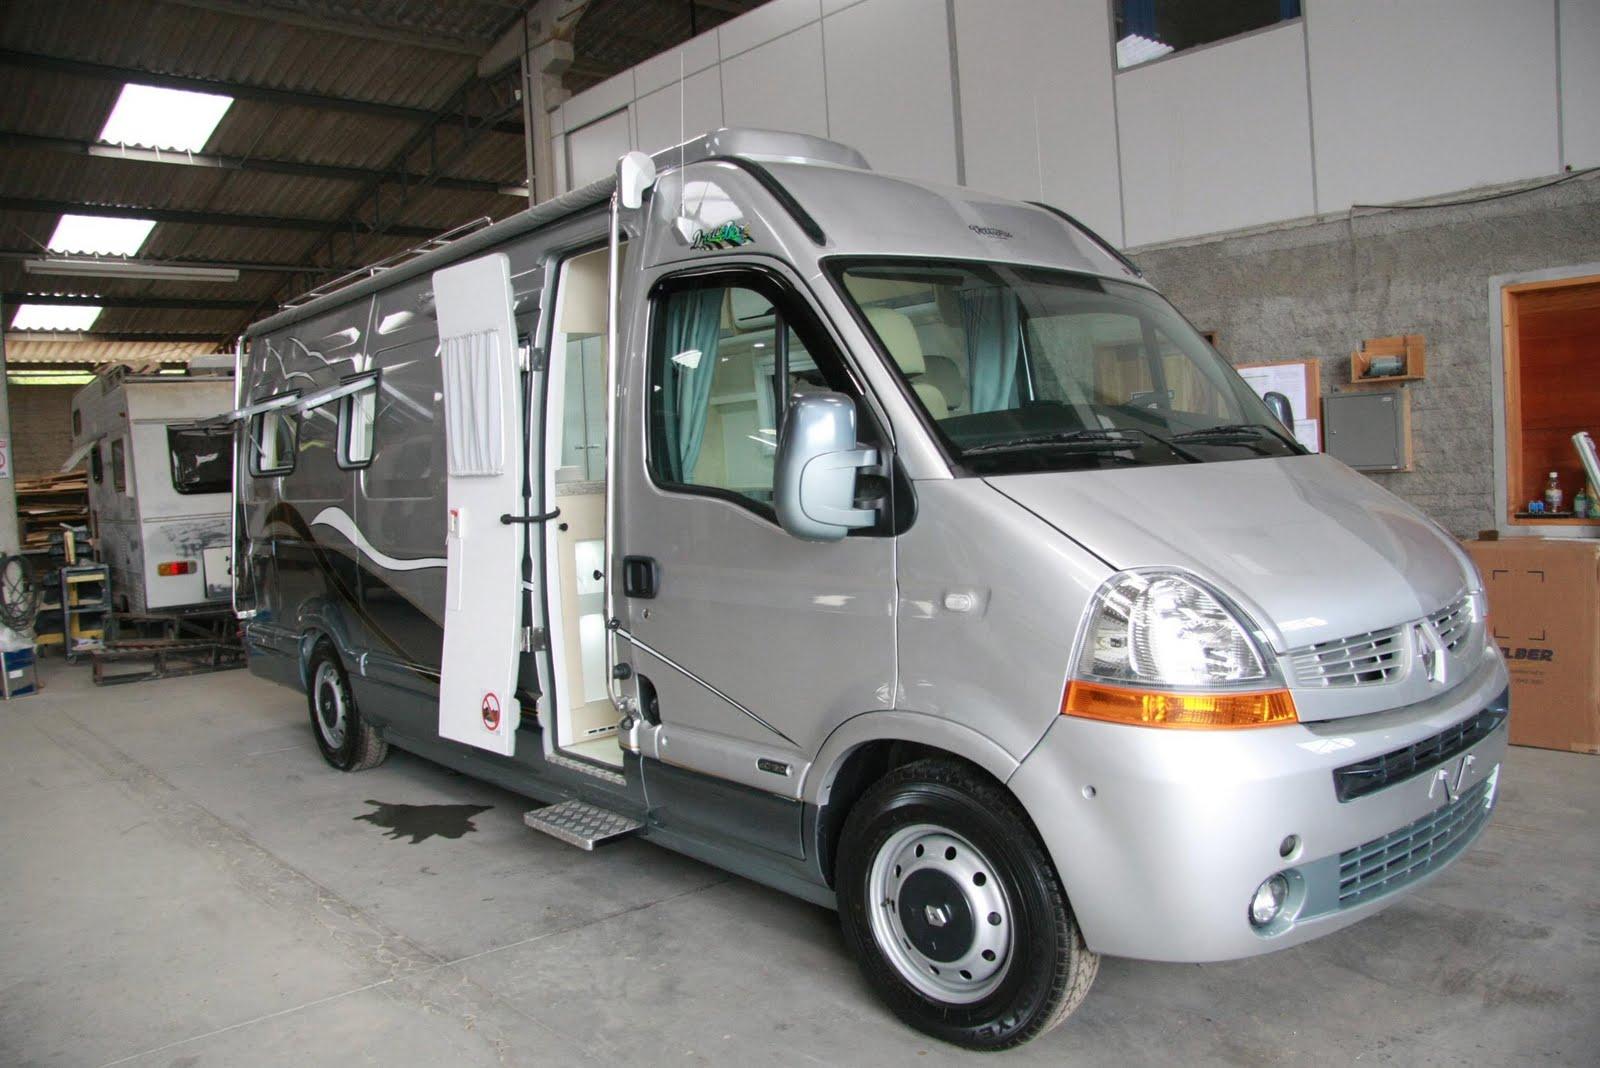 Imagens de #643727 www.victoriamotorhomes.com.br : Compre RV's novos 1600x1068 px 2780 Box Banheiro Motorhome